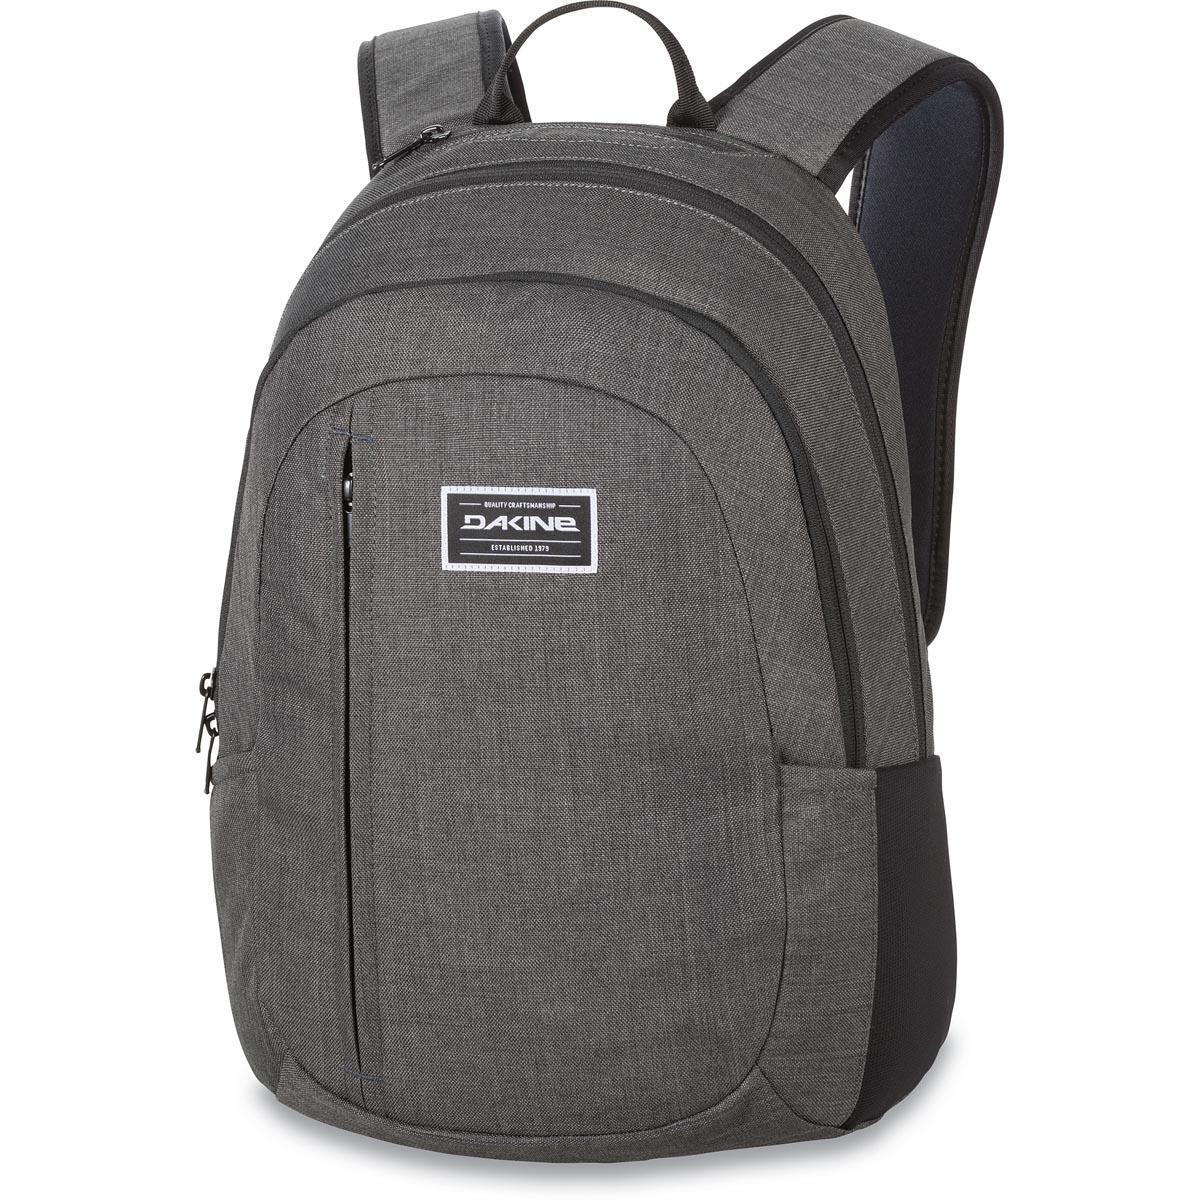 1a72cb243c3c Купить мужской городской рюкзак в интернет-магазине Dakine